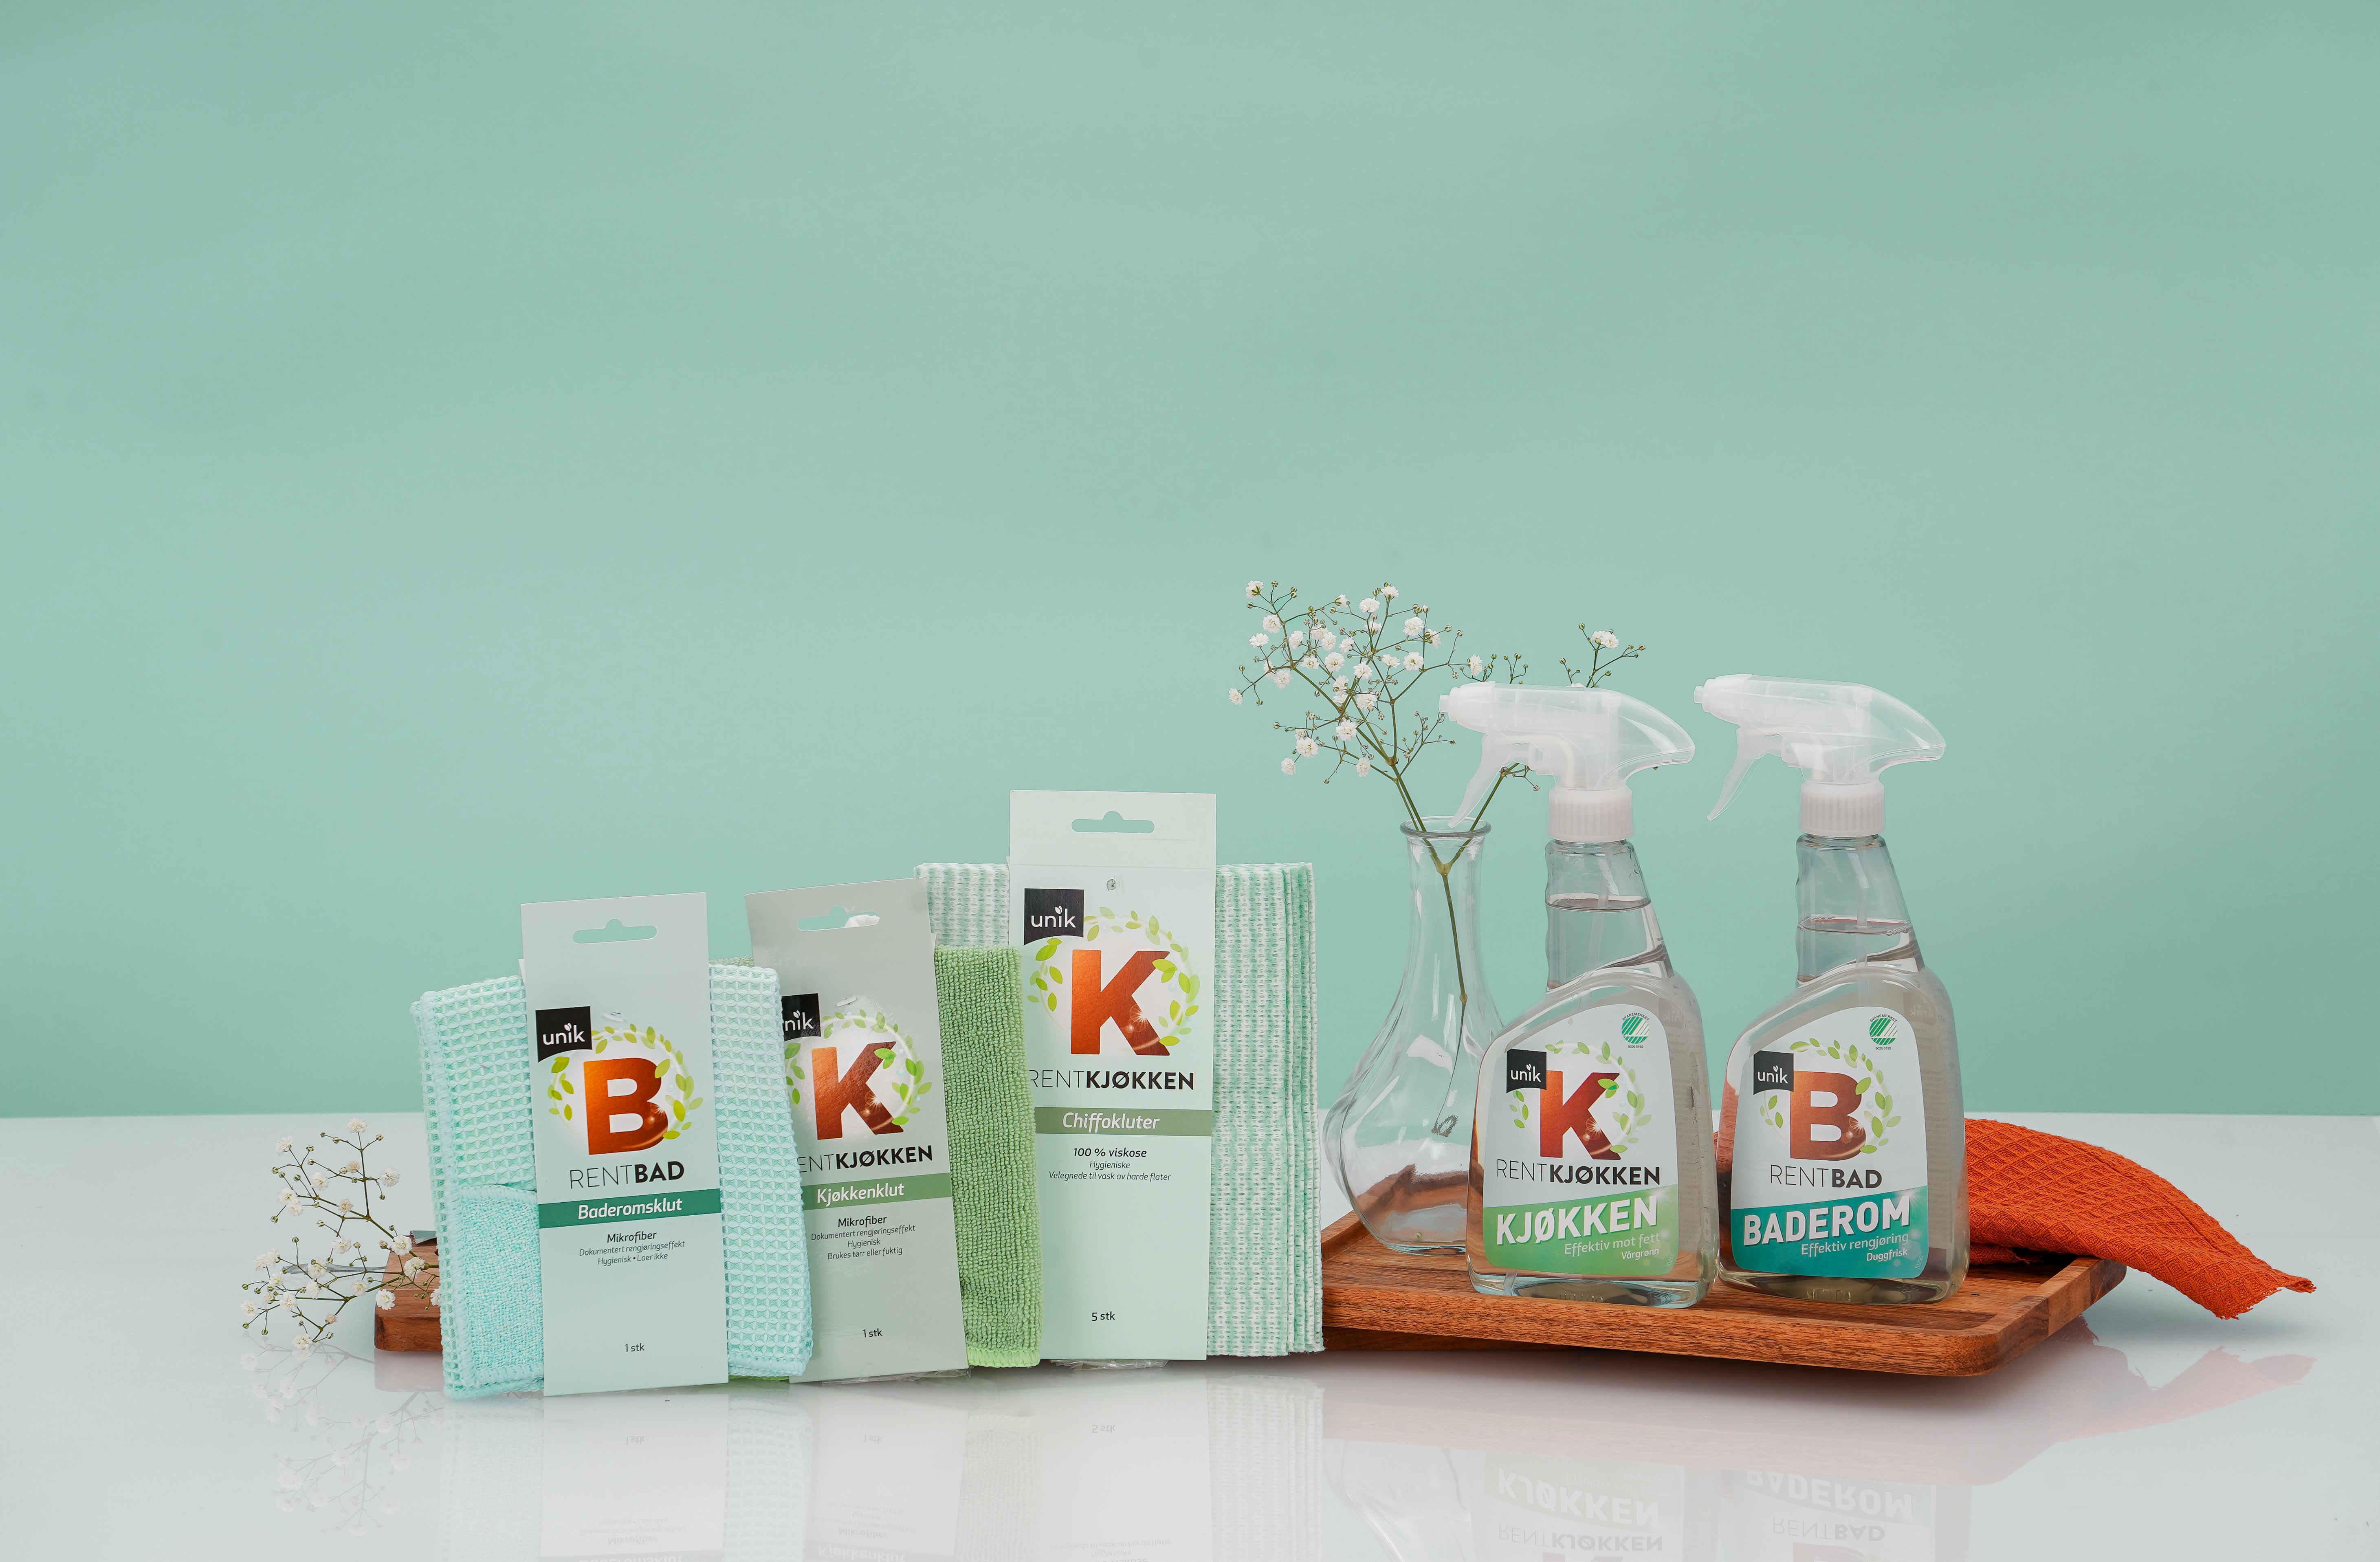 RentHjem-produktene er både blant de billigste og mer miljøvennlige vaskeproduktene du får kjøpt hos KIWI.